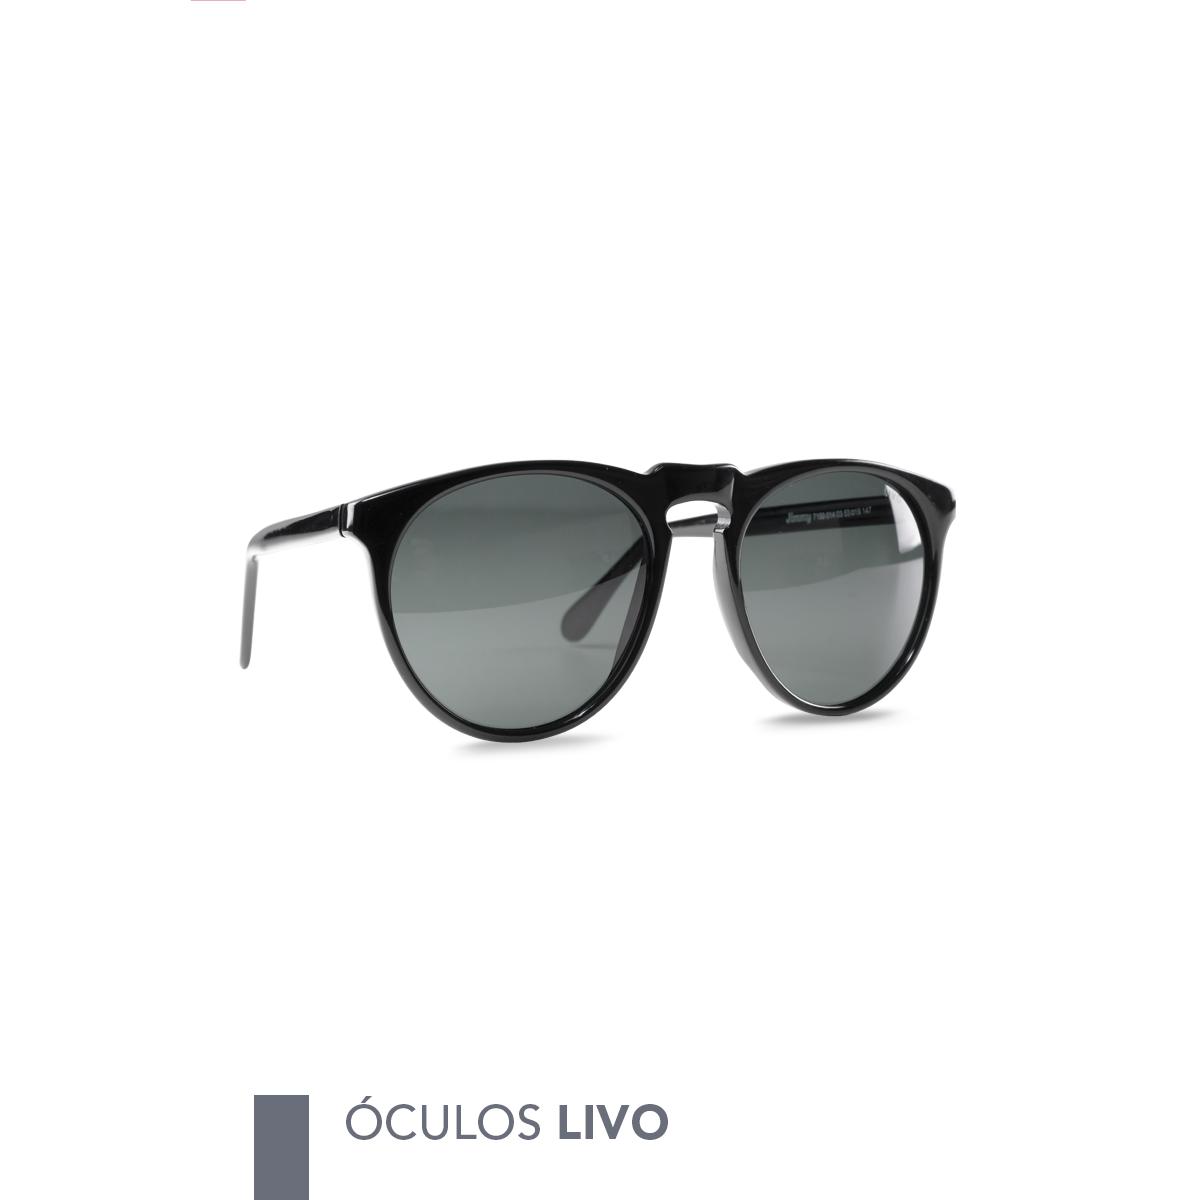 ada3133934f14 Óculos Livo Jimmy Solar Preto ⠀ ➝ Compre pelo site ou em nossa loja física ↳